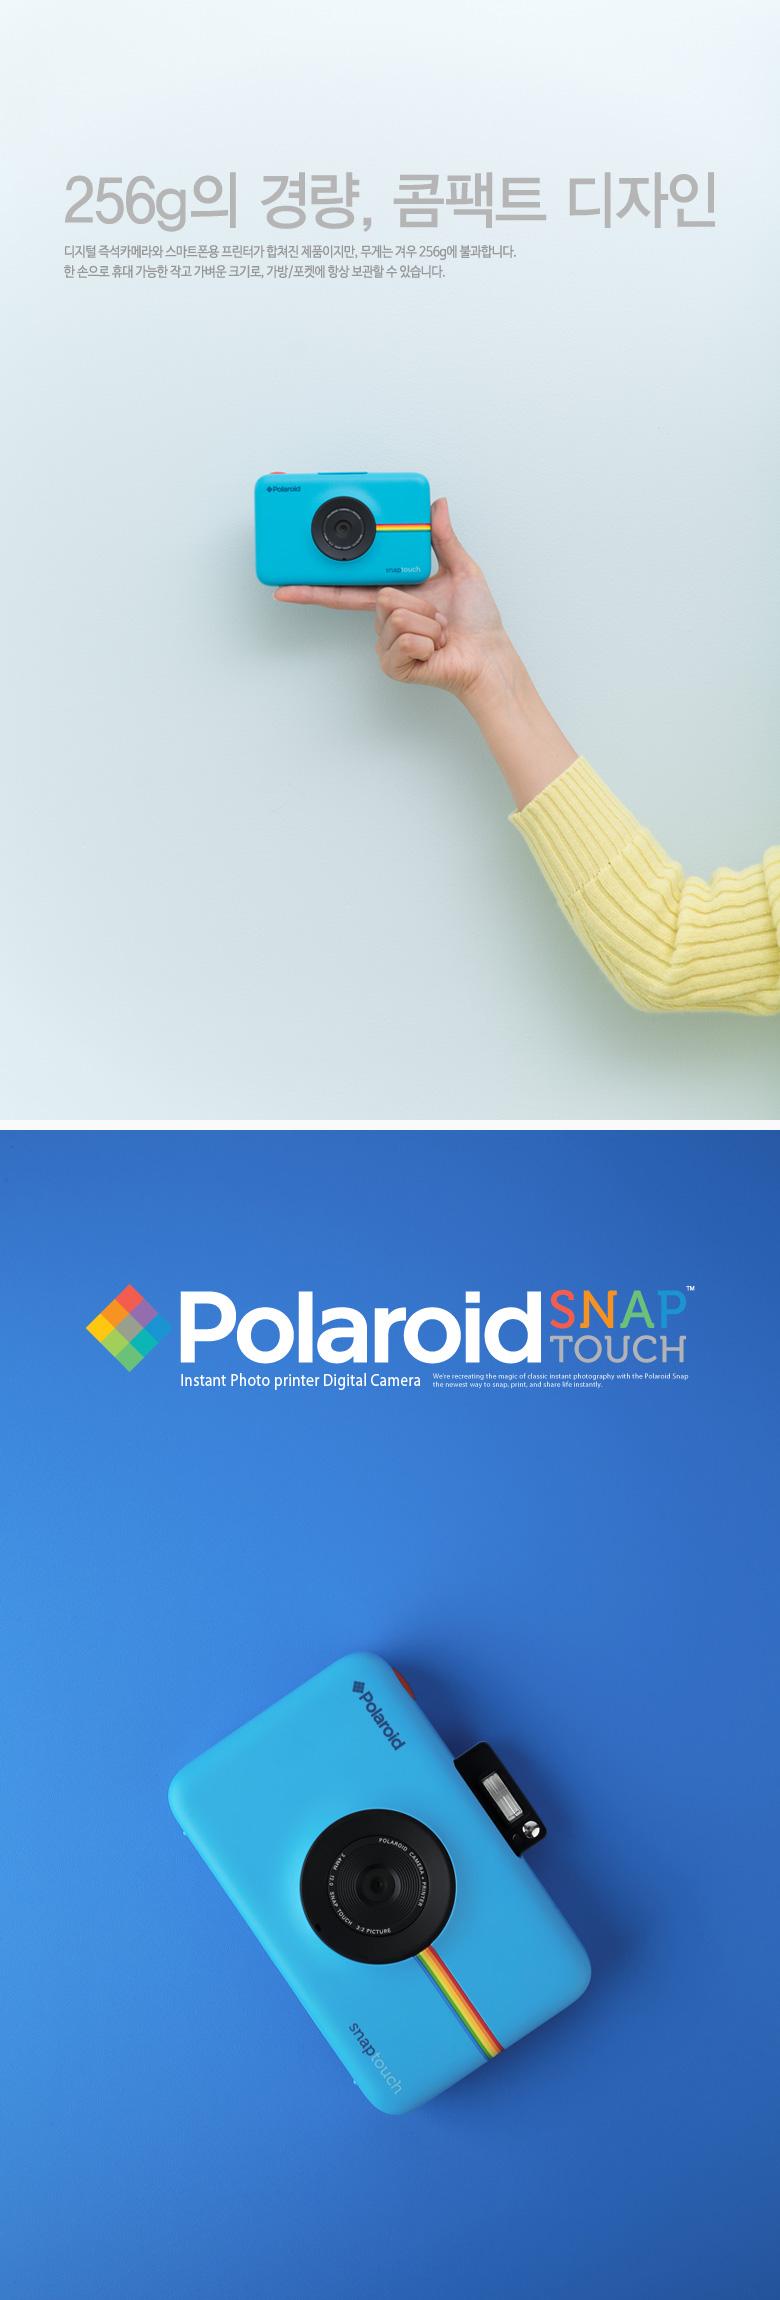 폴라로이드(POLAROID) 폴라로이드 스냅터치 블랙